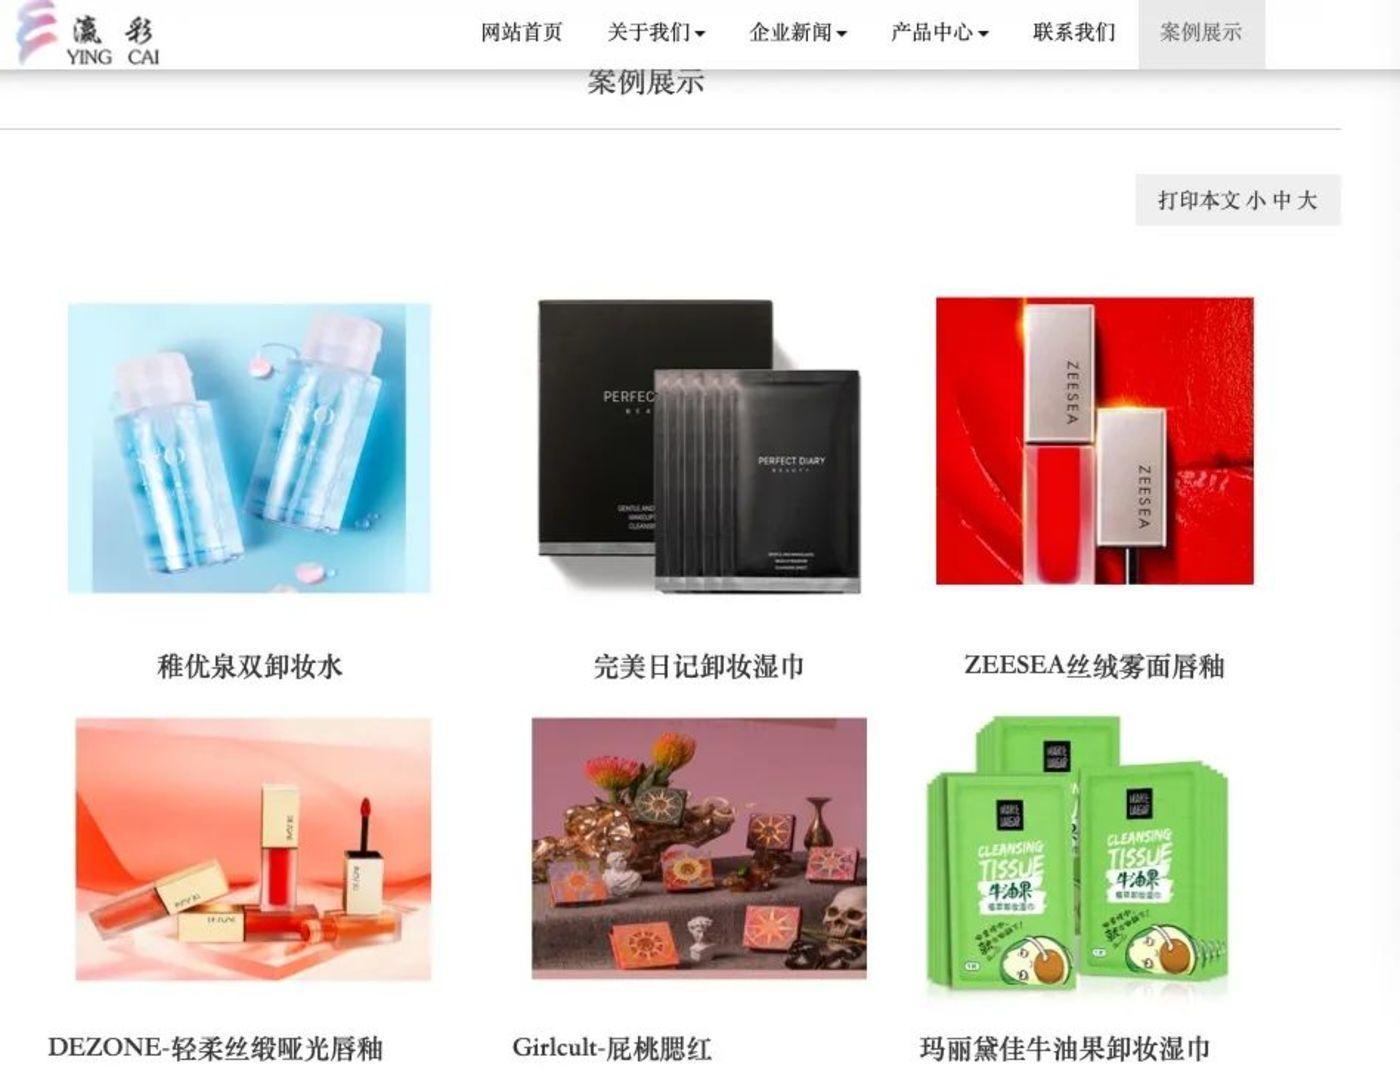 上海瀛彩生物科技有限公司的代工案例